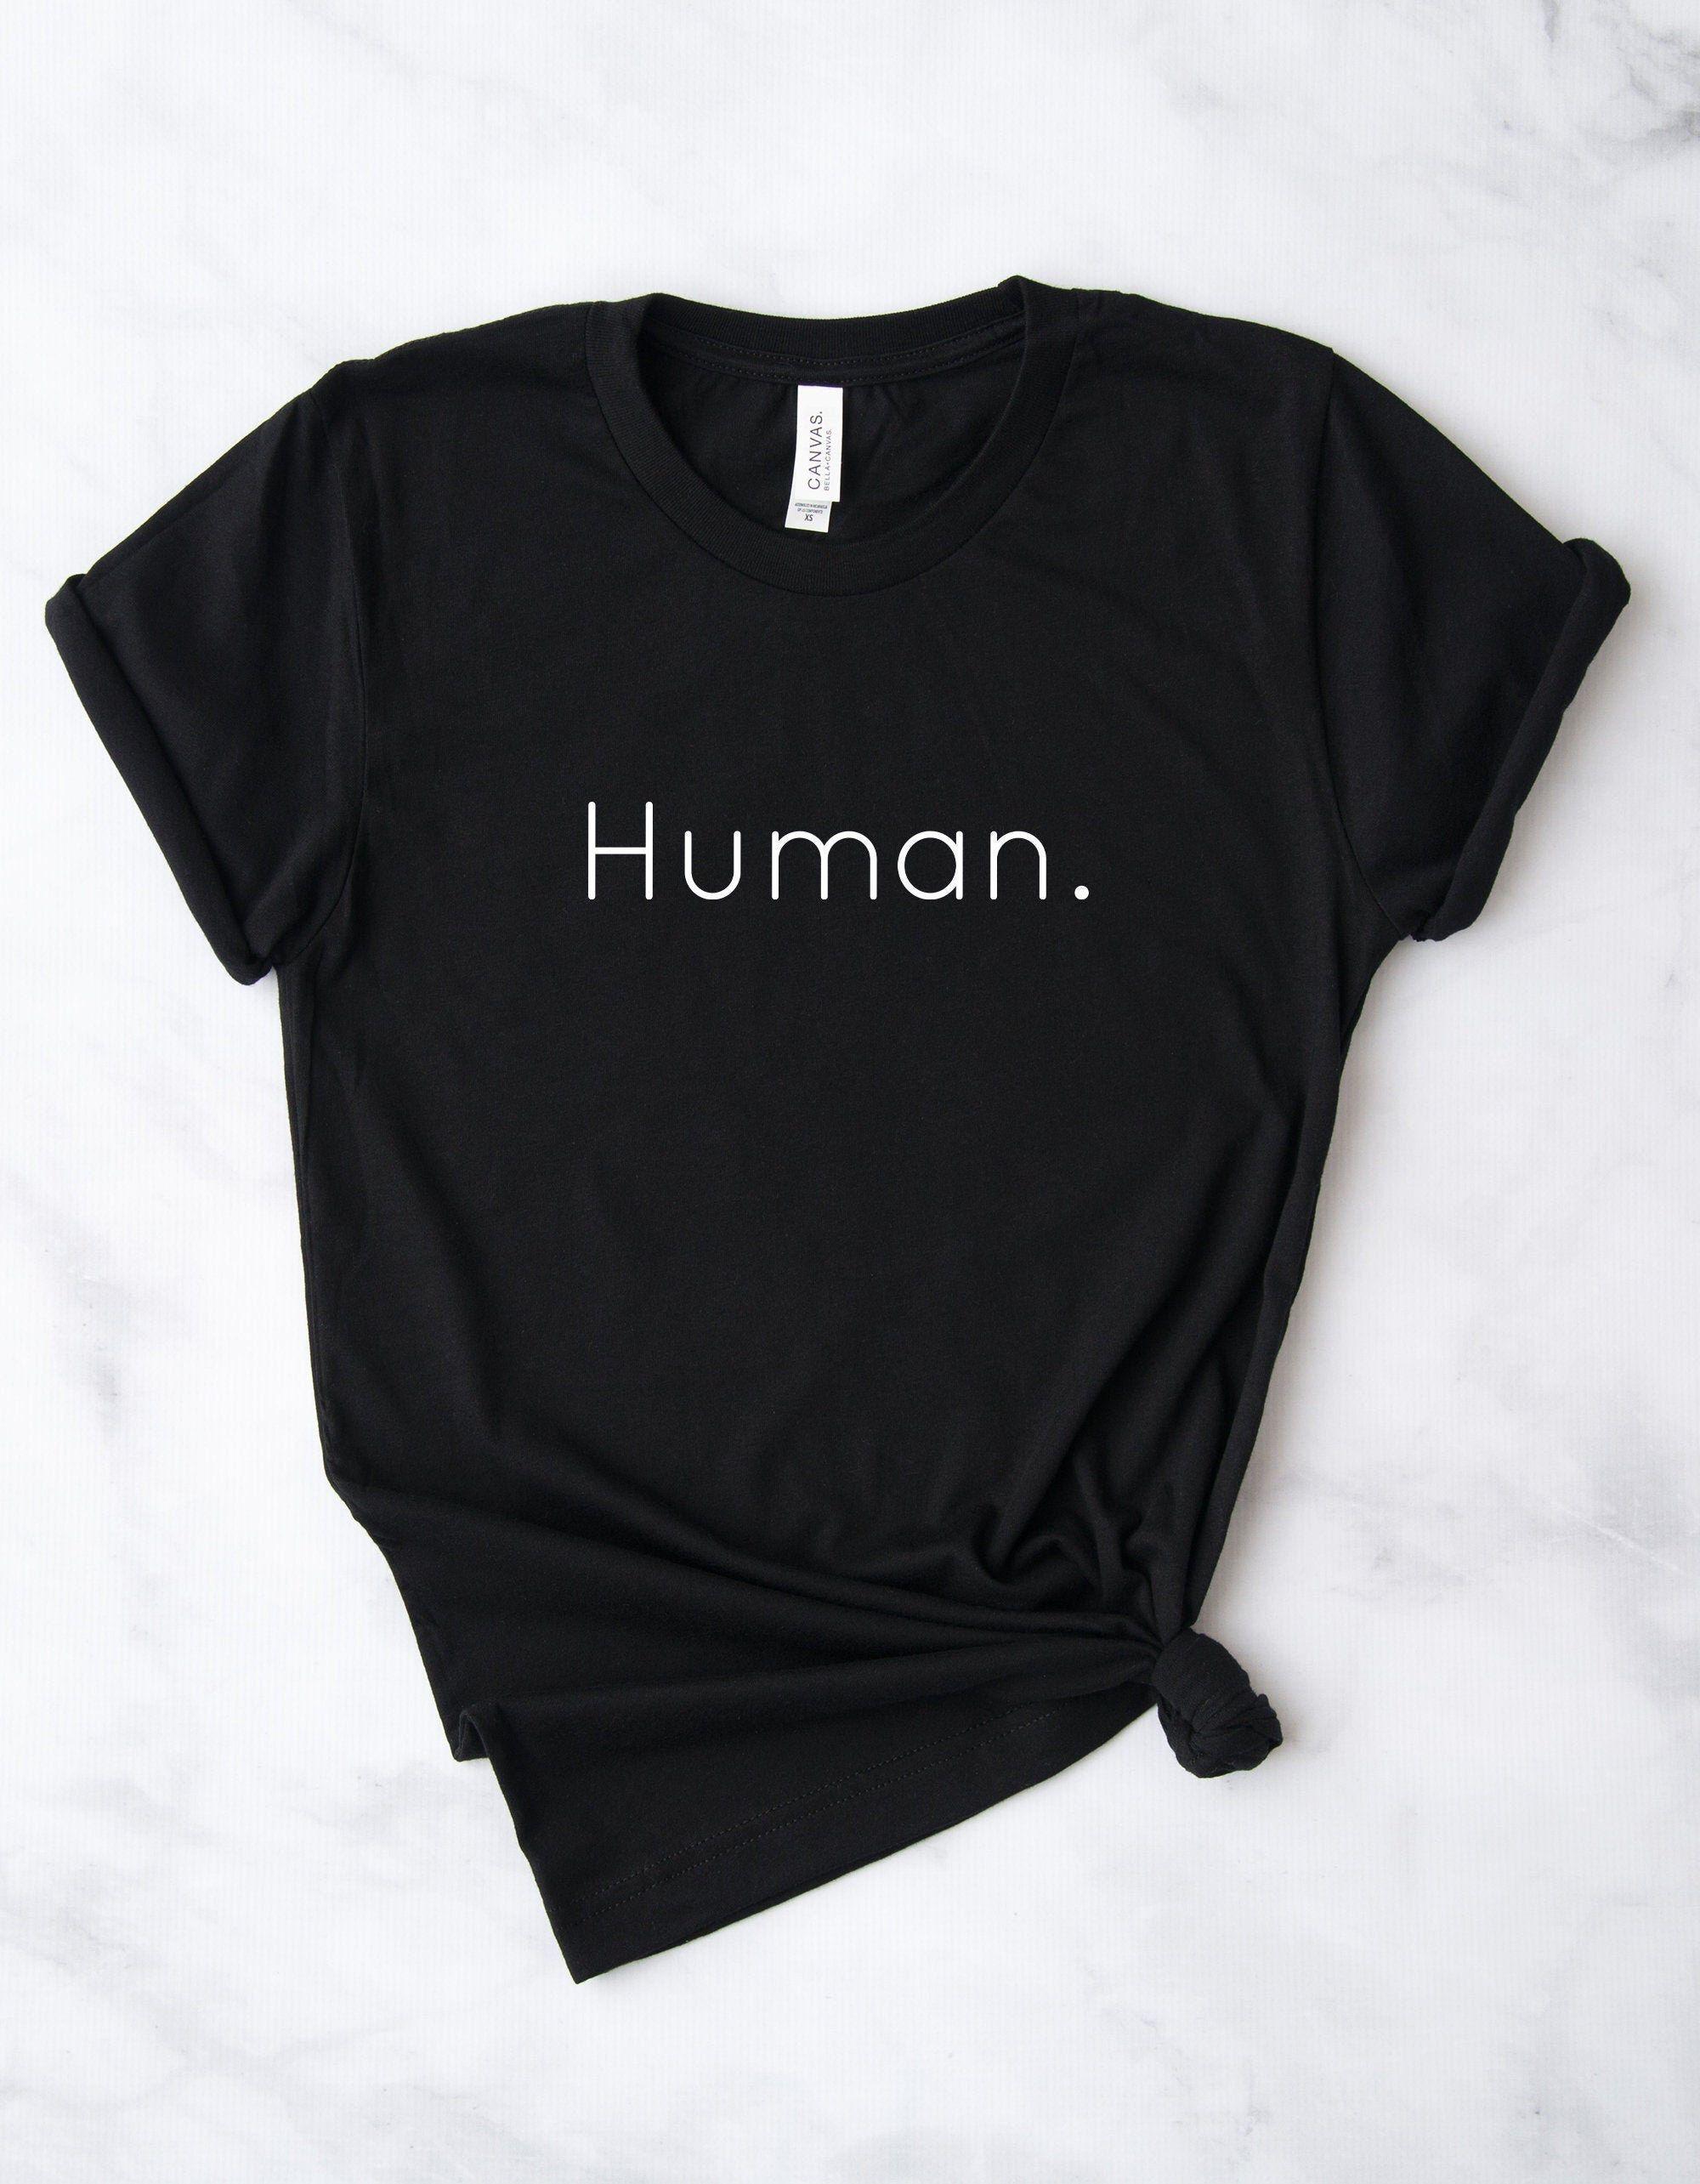 Human Equality Shirt Human Race Protest Shirt Human Etsy Equality Shirt Etsy Shirt Simple Shirts